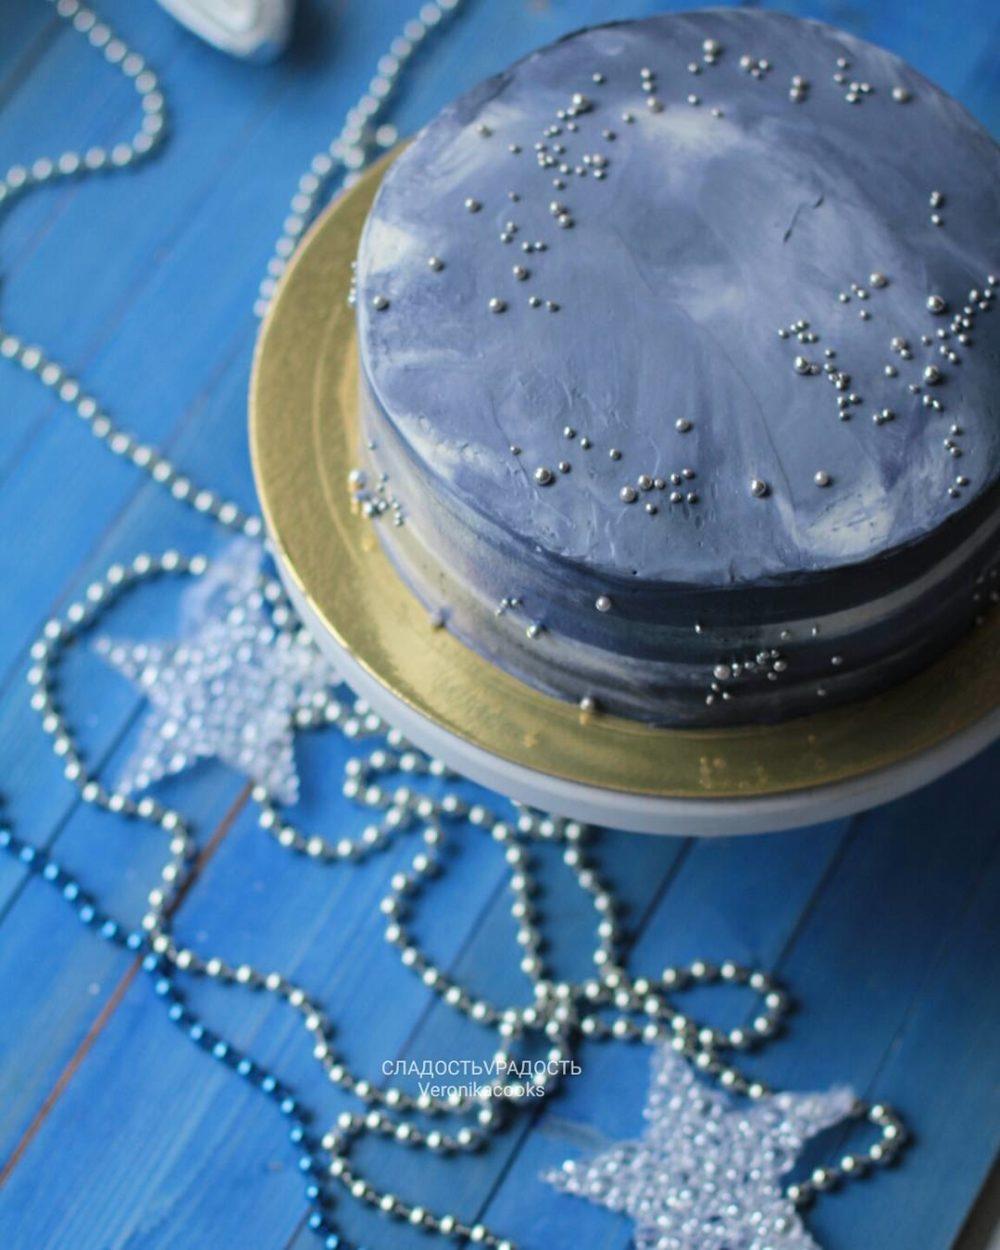 космический торт купить в спб